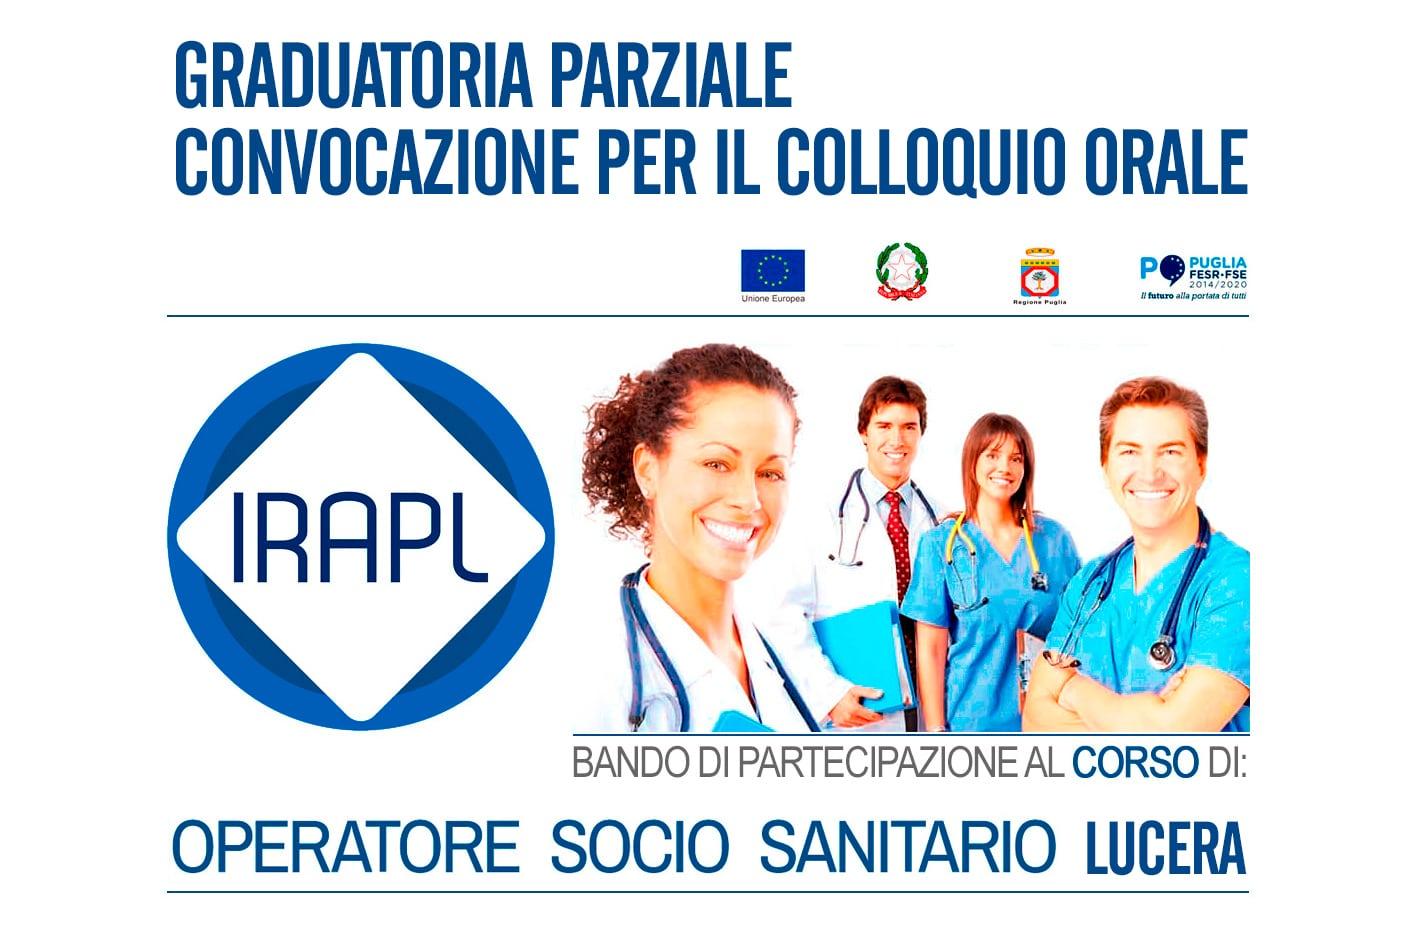 Graduatoria Parziale e Convocazione per il Colloquio Orale - Corso Operatore Socio Sanitario OSS  IRAPL sede di Lucera